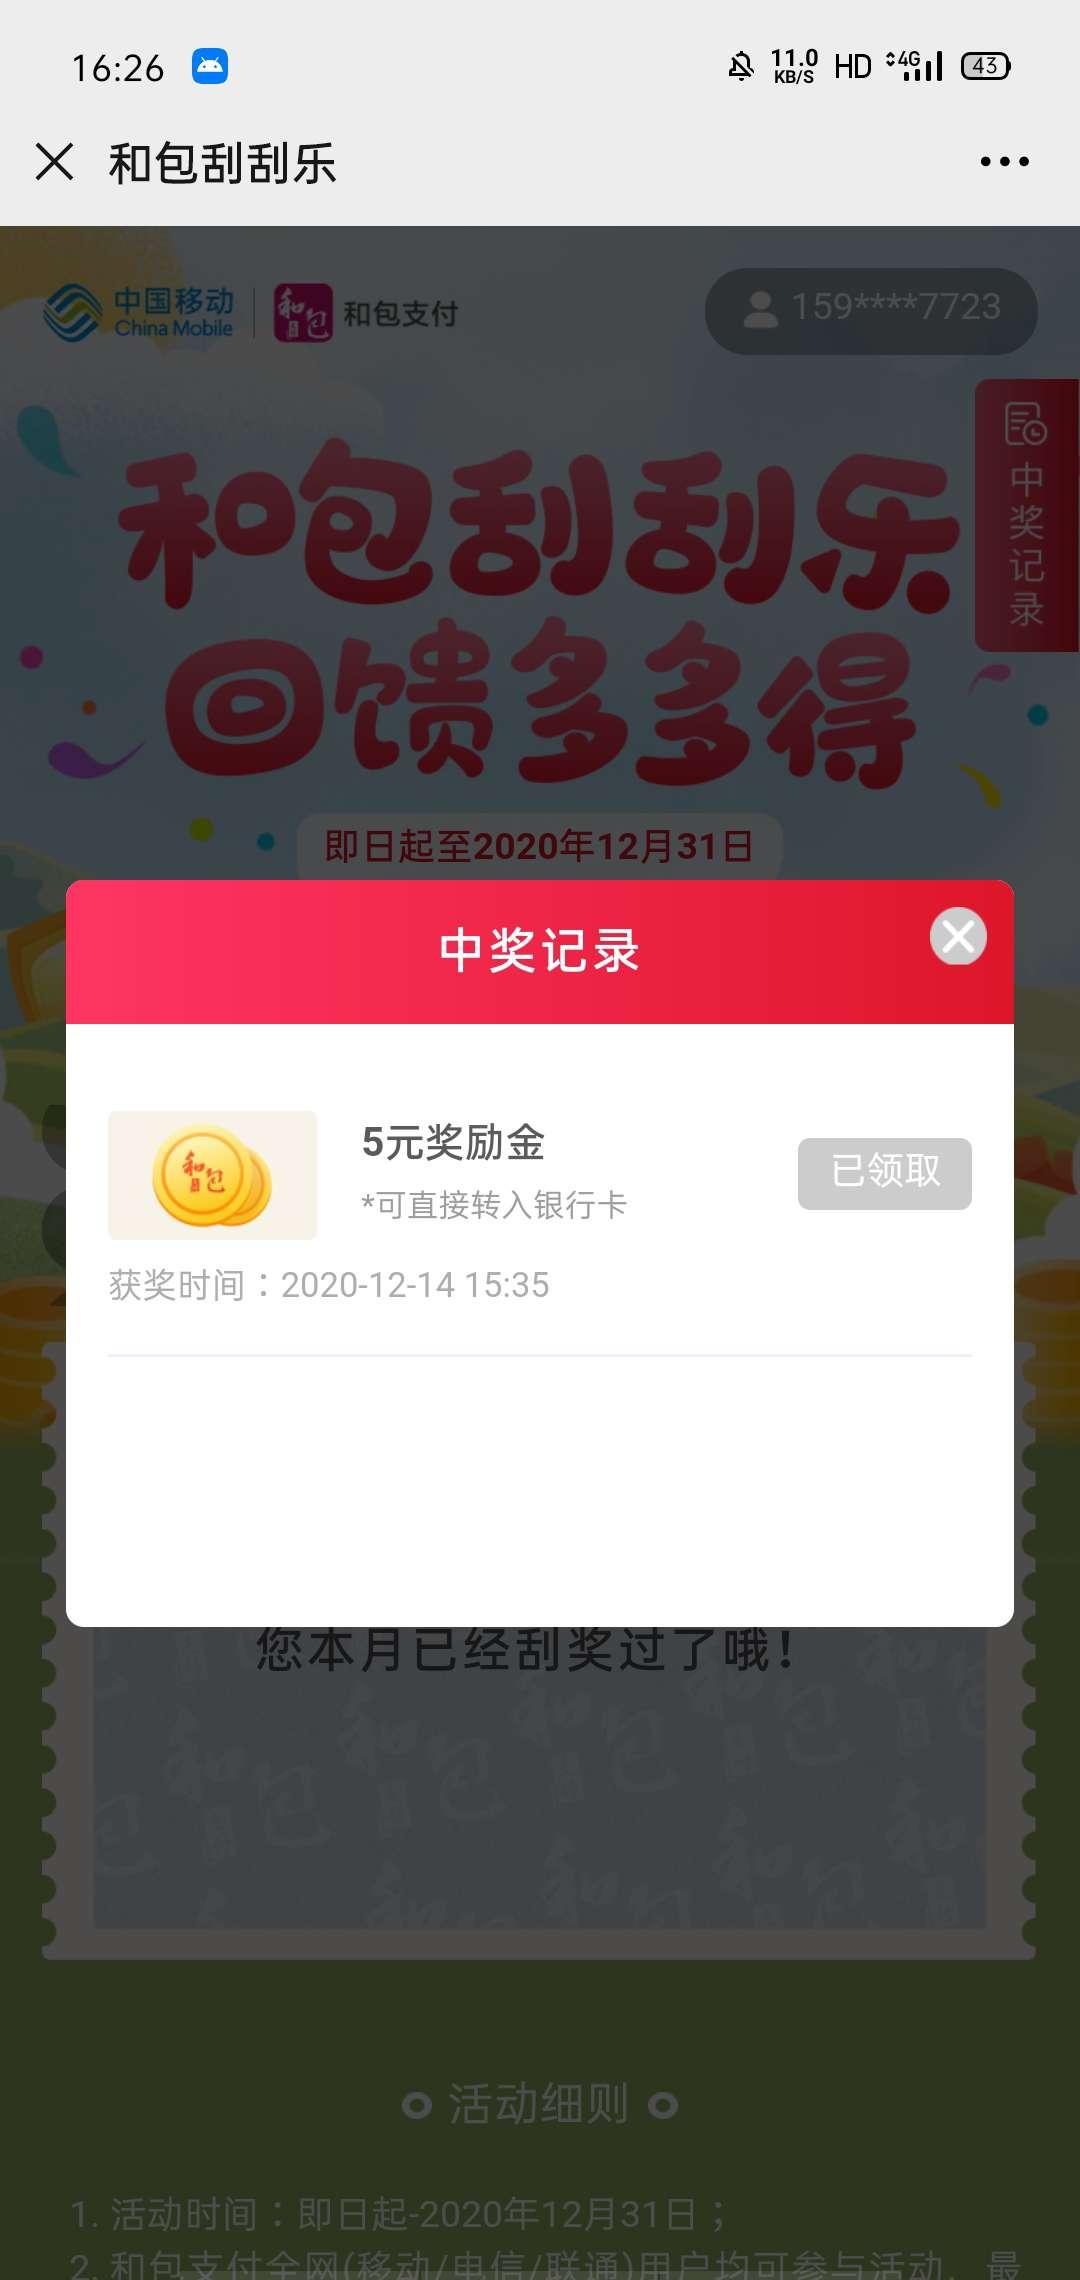 【现金红包】移动用户领红包-聚合资源网